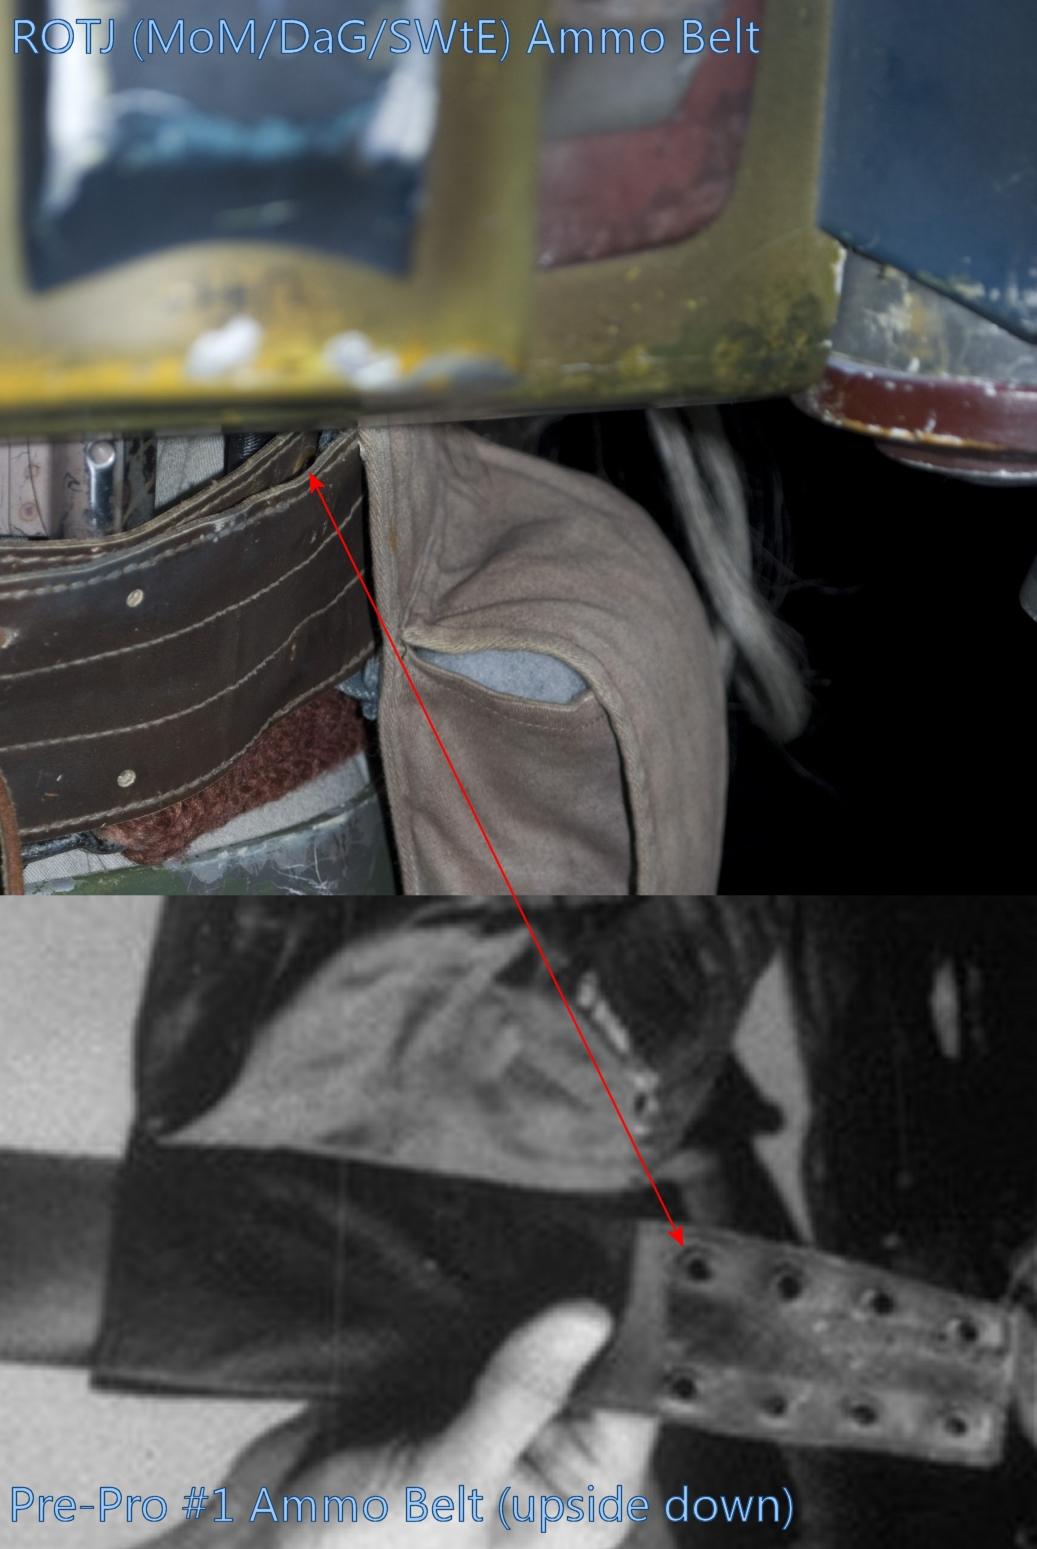 PP1 ROTJ Ammo Belt 02.jpg